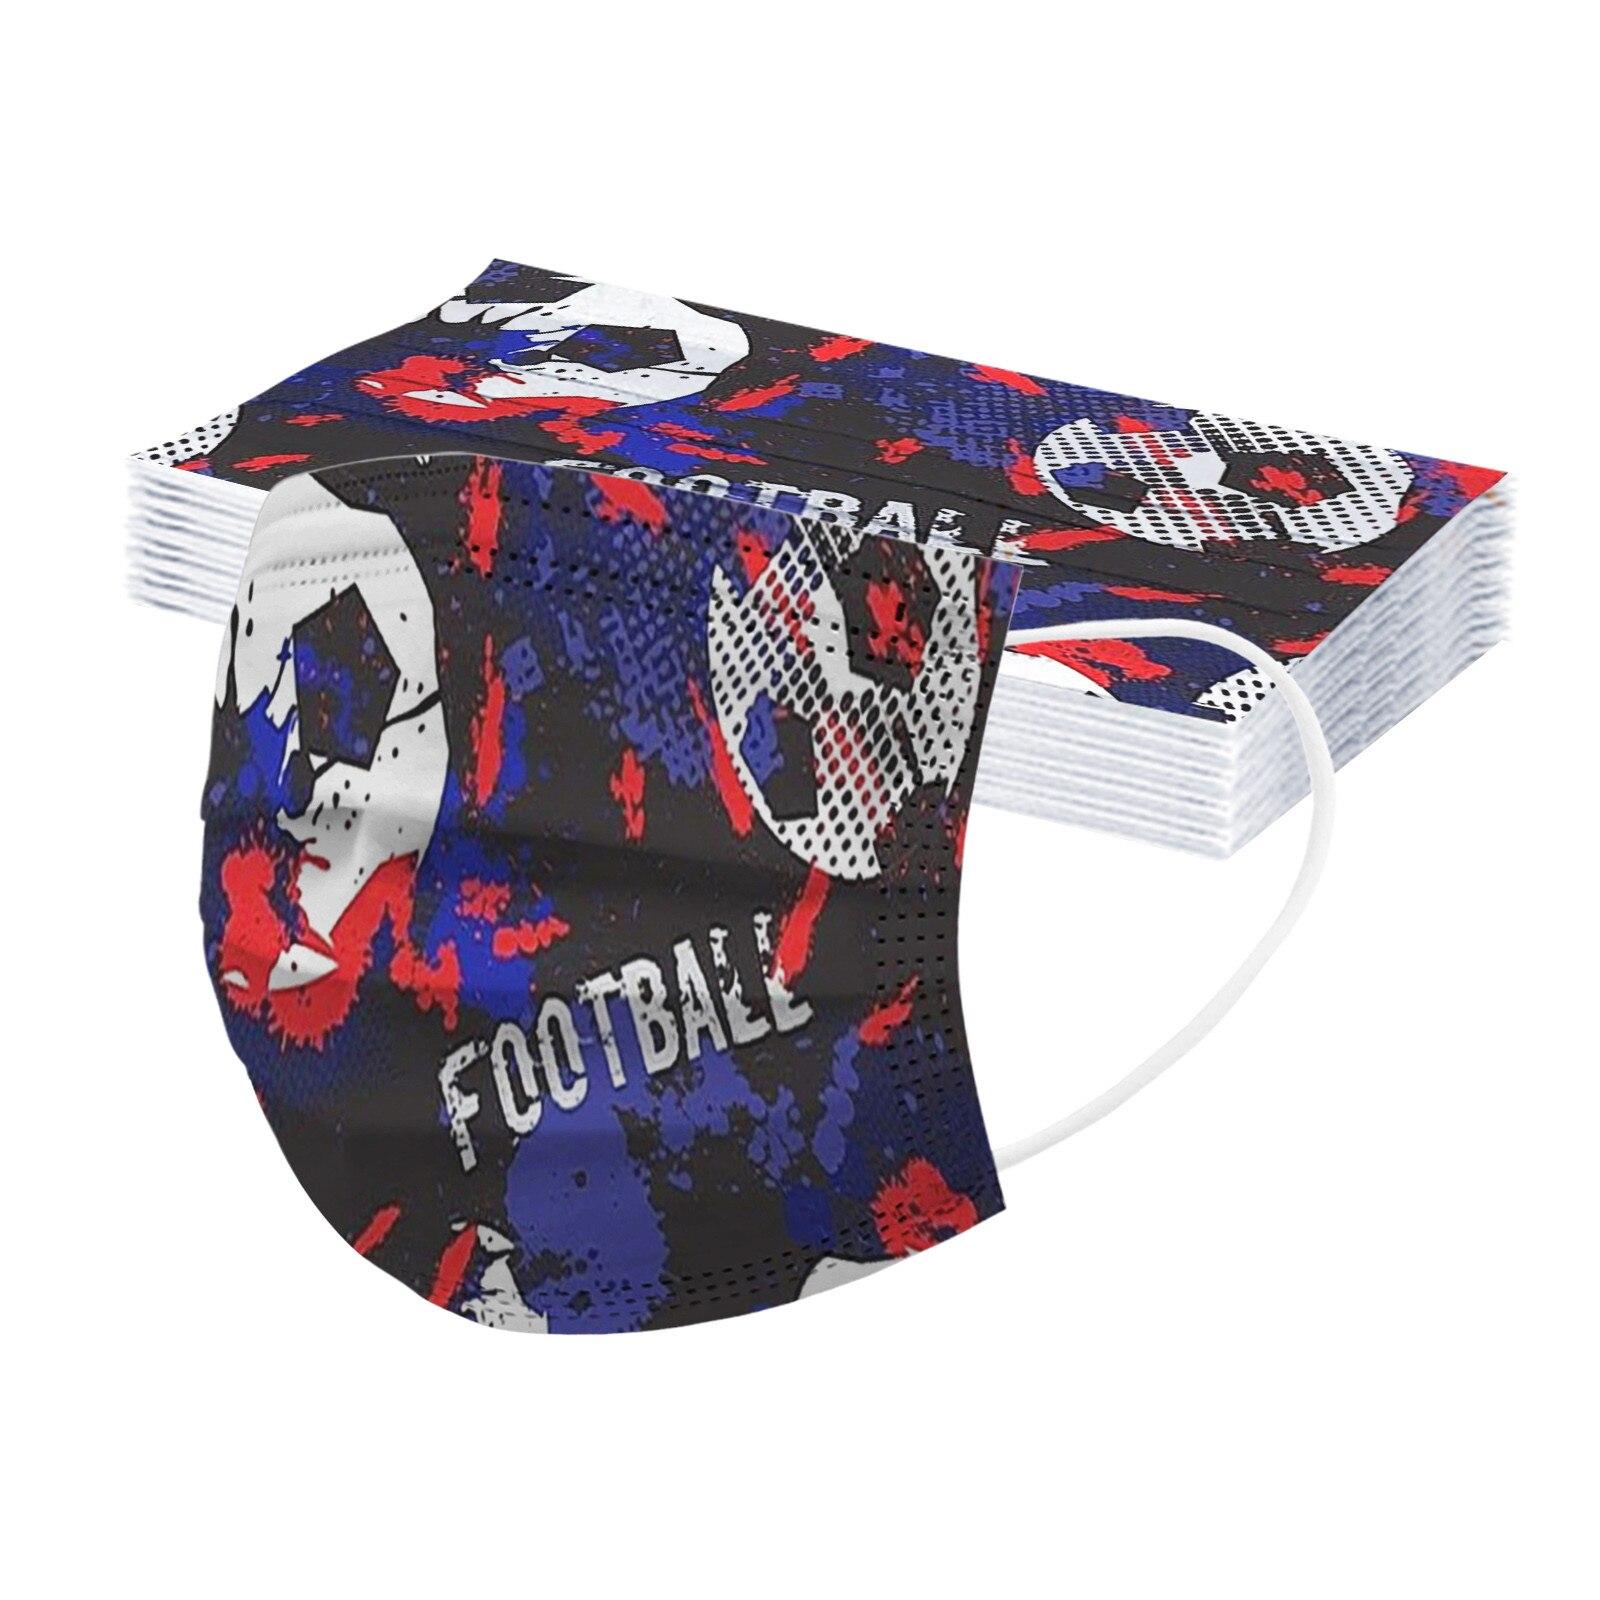 50 шт., детские одноразовые маски с рисунком футбольного мяча